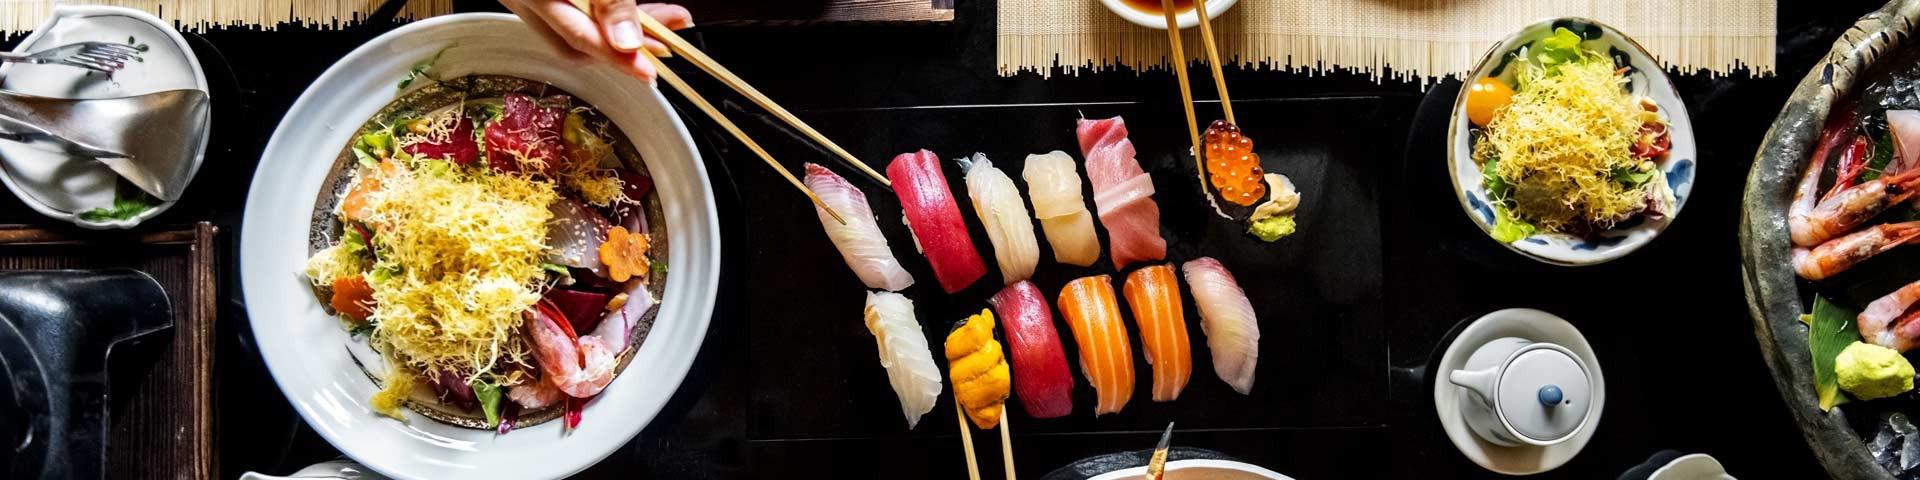 日本食品 | 寿司セット | 米 | 醬油 | 豆腐 | 海苔 | ワサビ